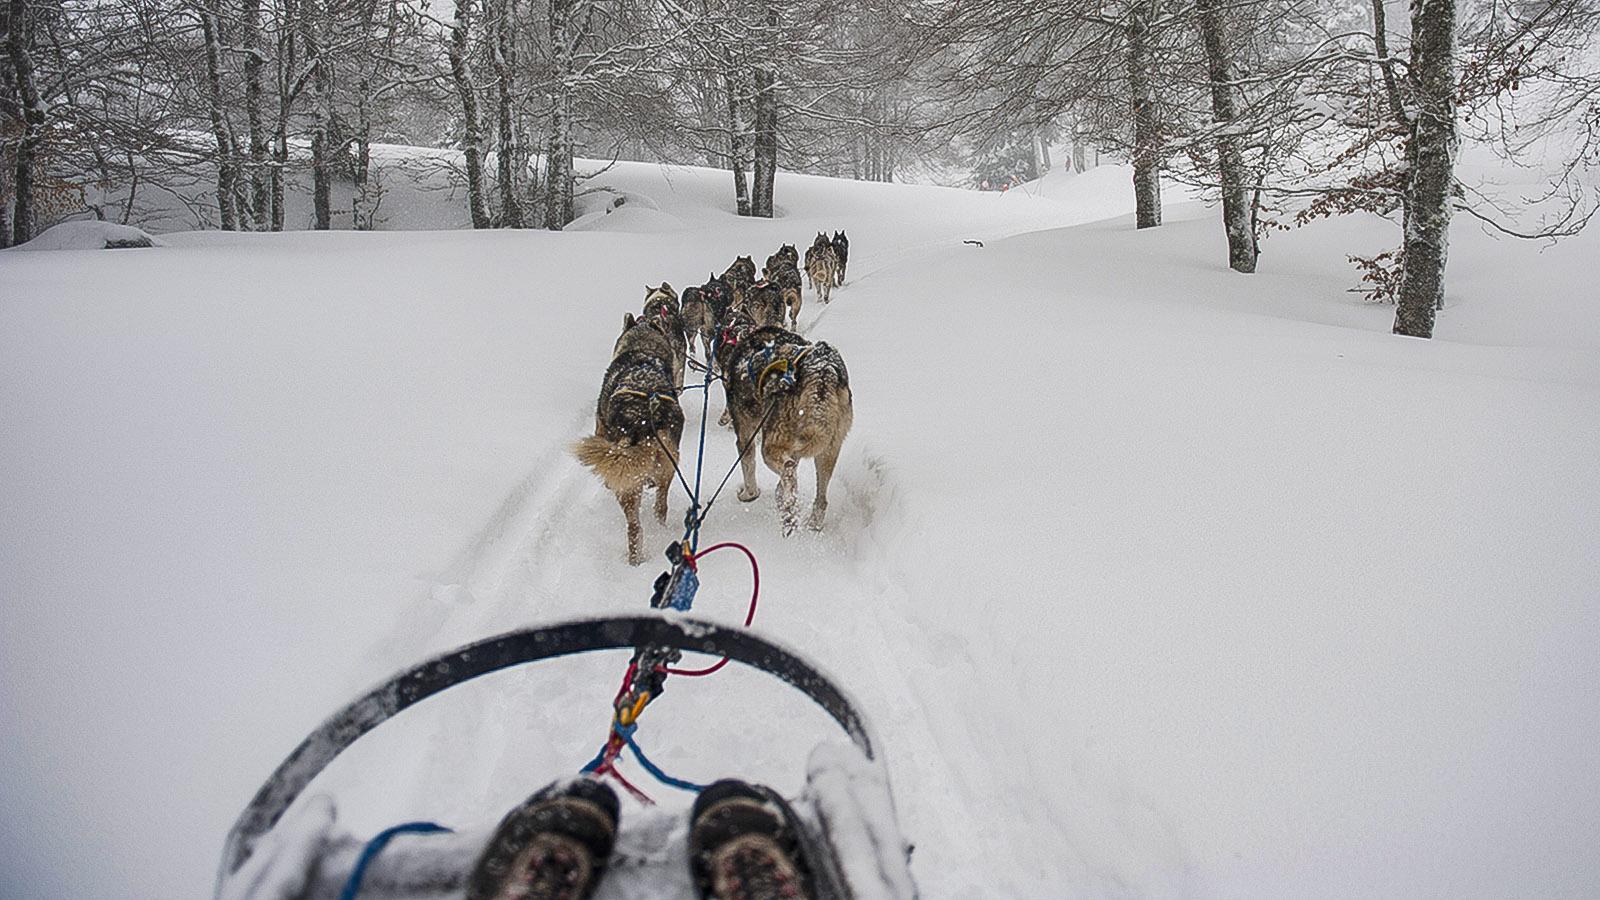 Barèges: im Hundeschlitten durch den Winterwald. Foto: Hilke Maunder